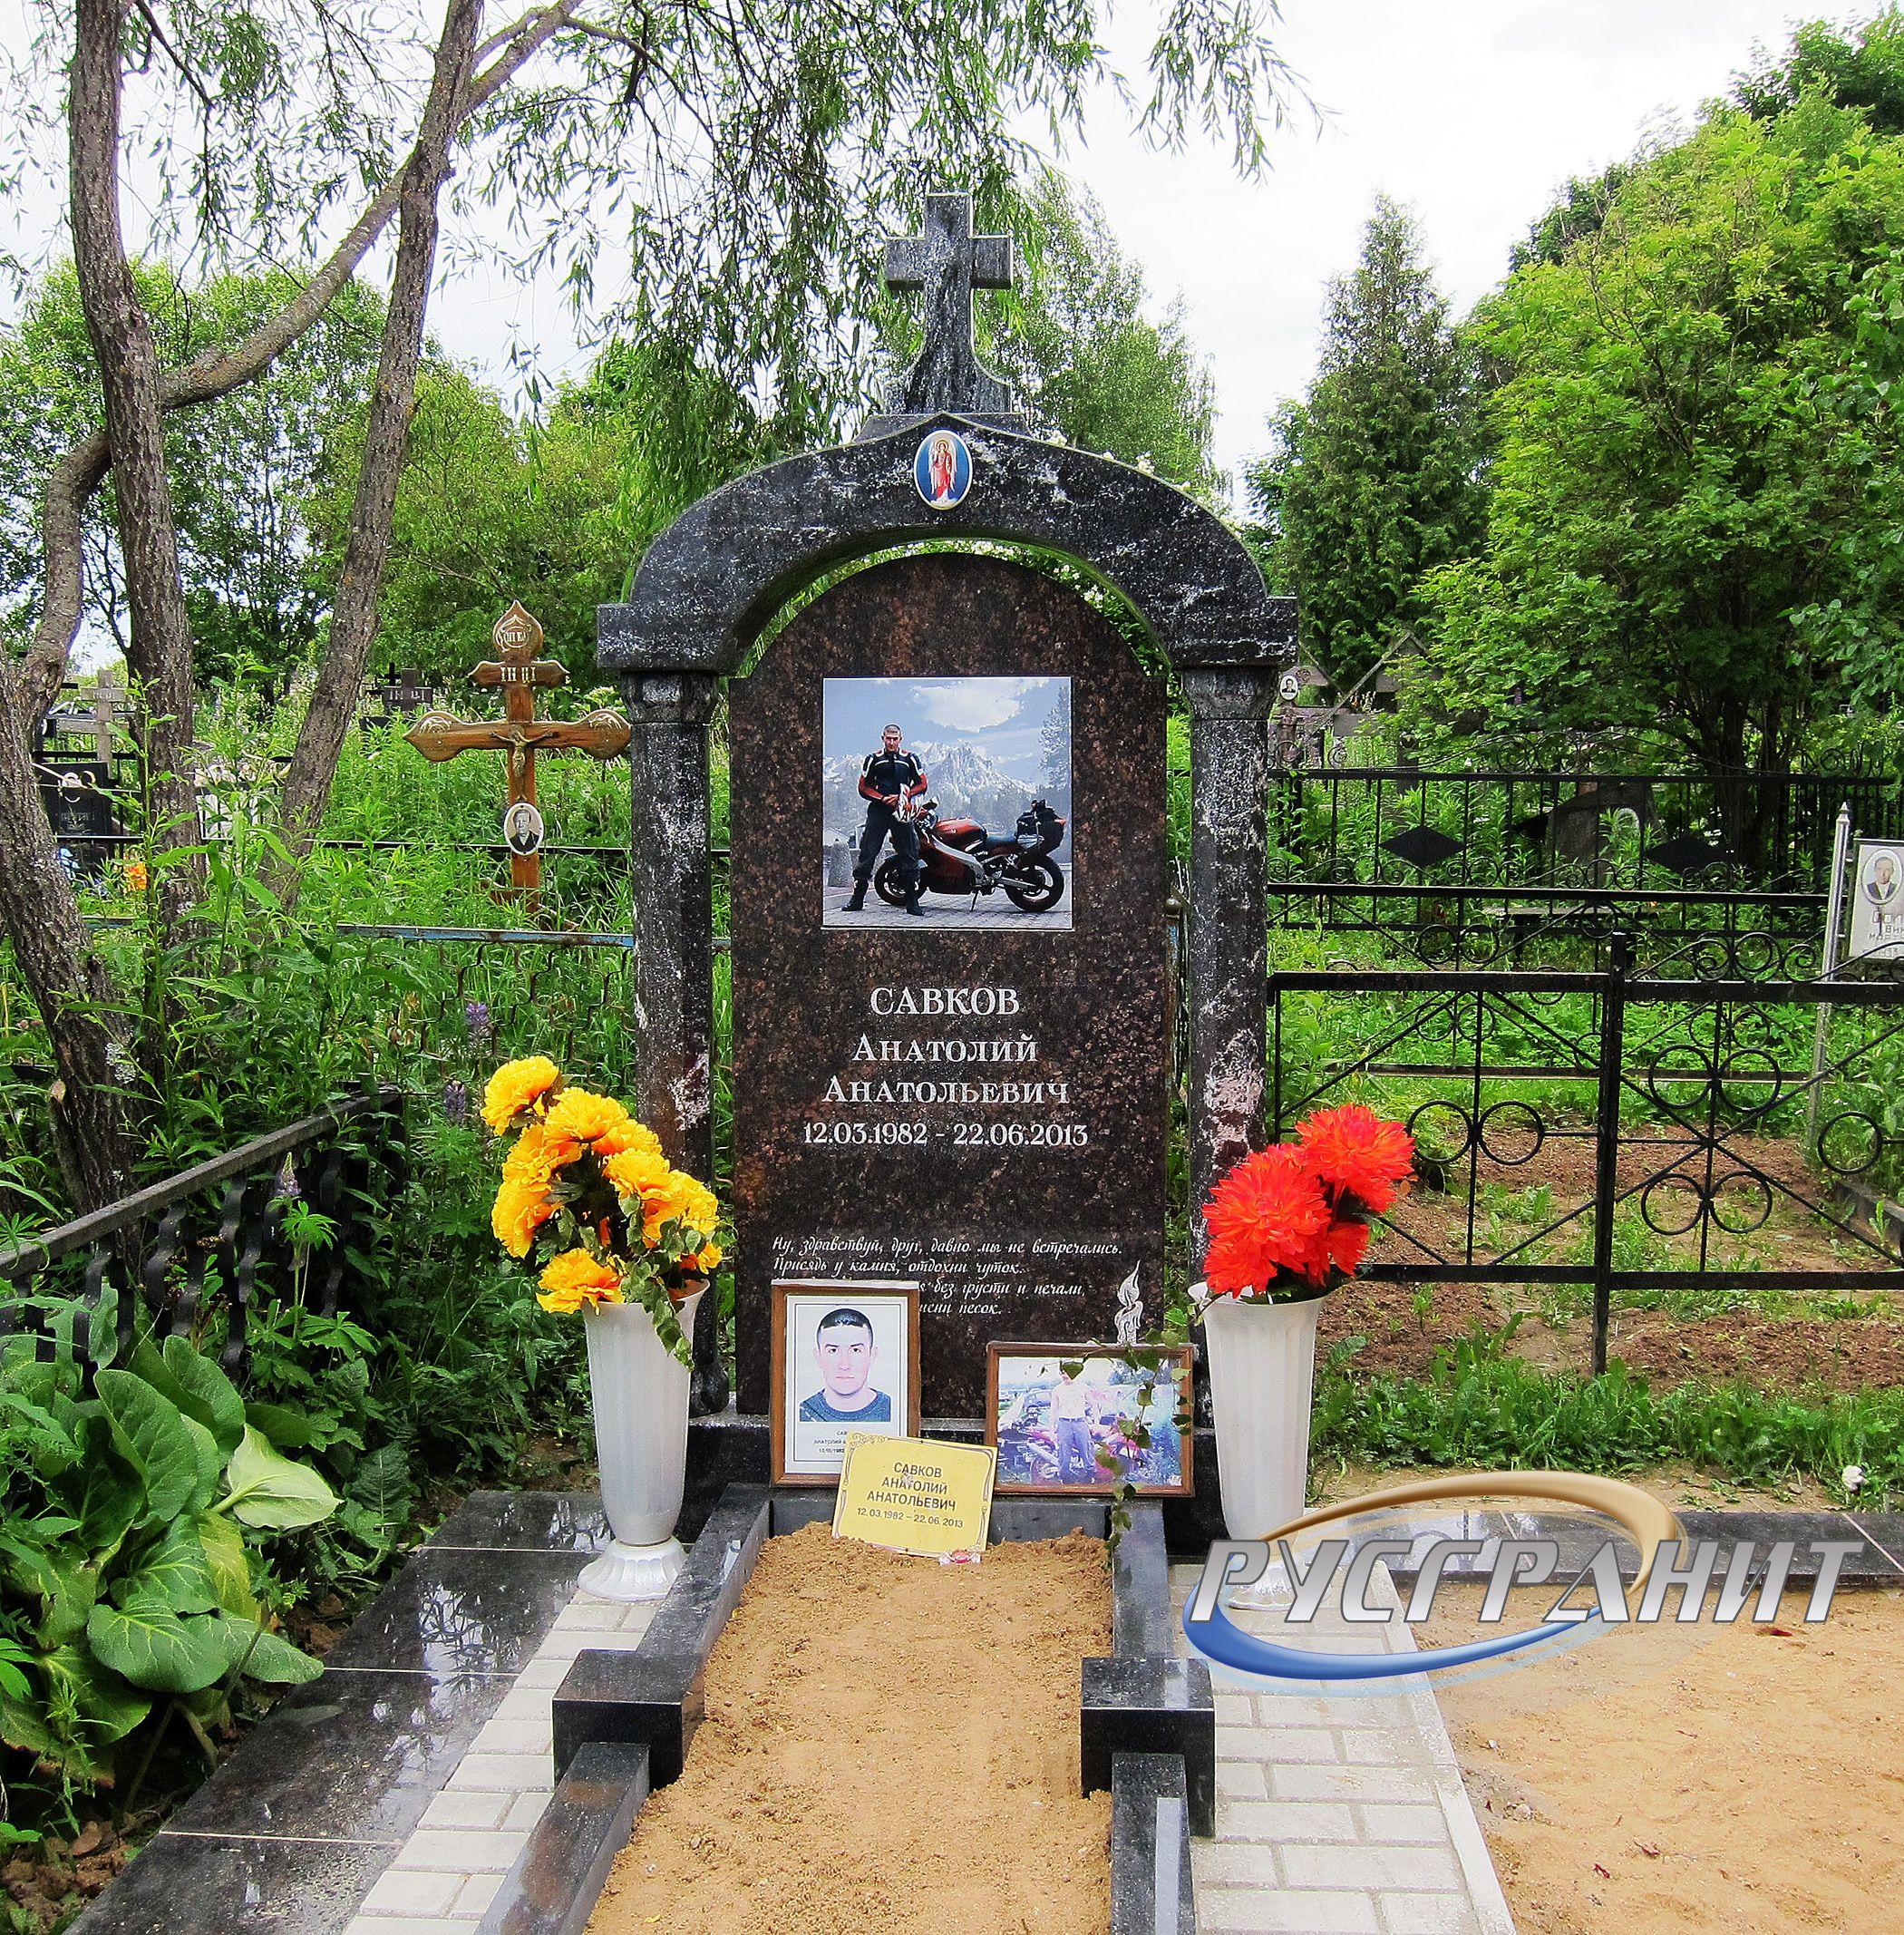 Двойной памятник на могилу цена в steam цена на памятники новосибирска ф